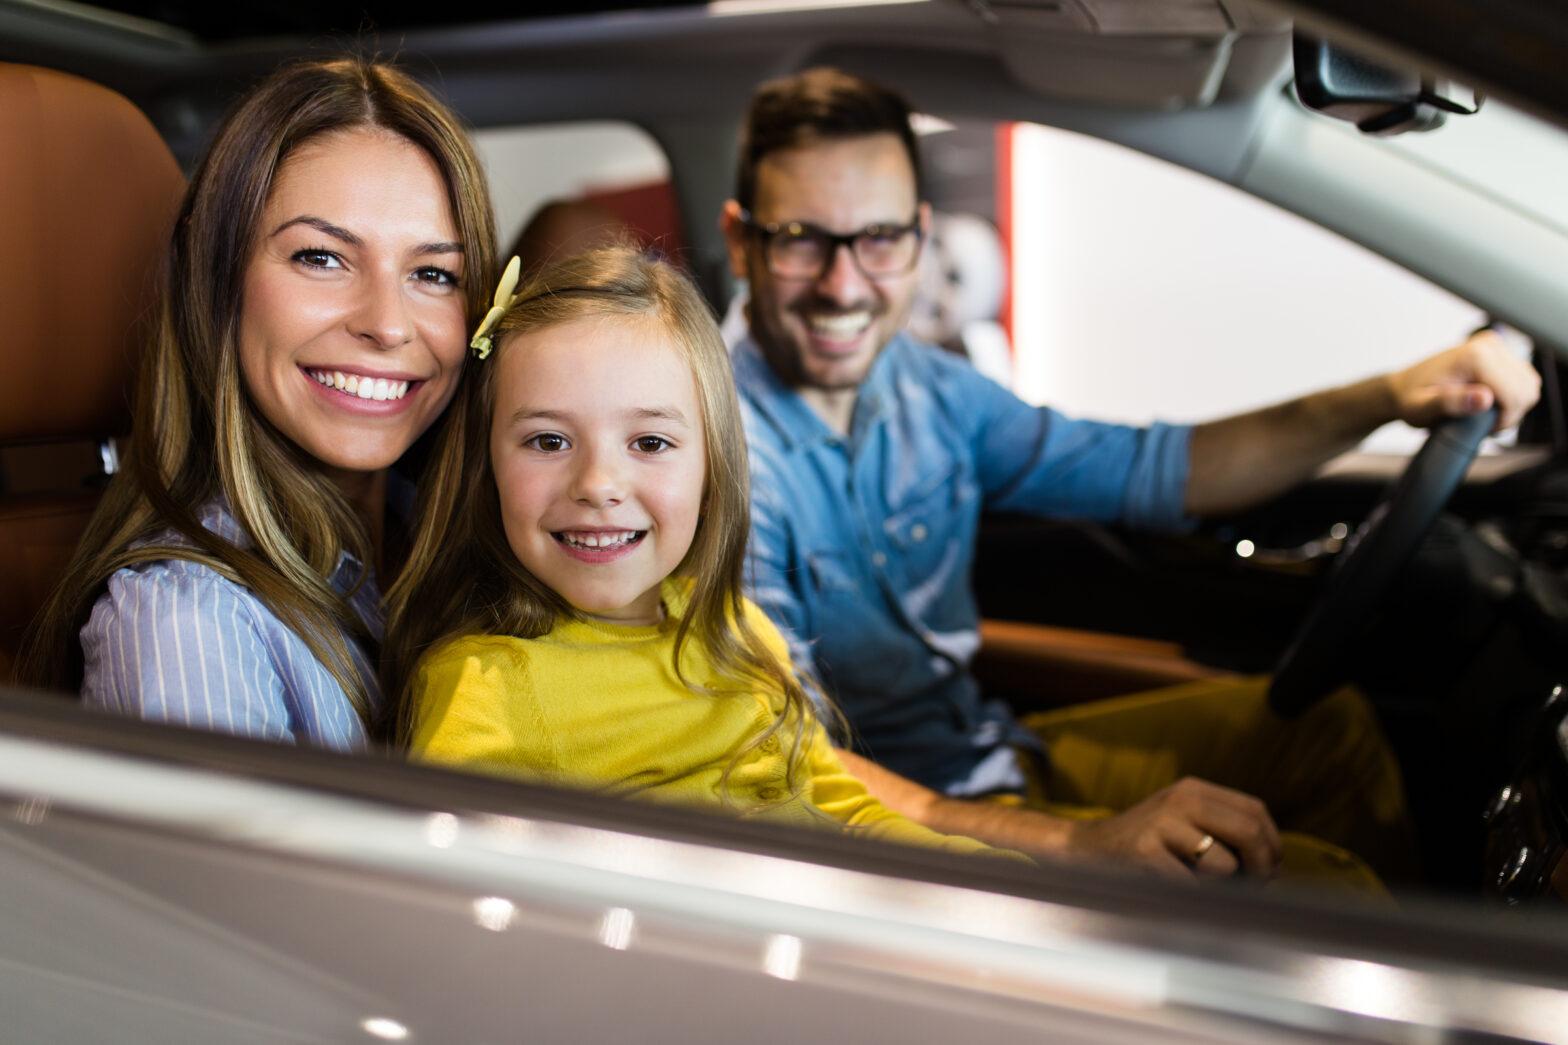 【保存版】ファミリーカーの選び方!子供や親など家族構成別おすすめ車種 2020年最新情報